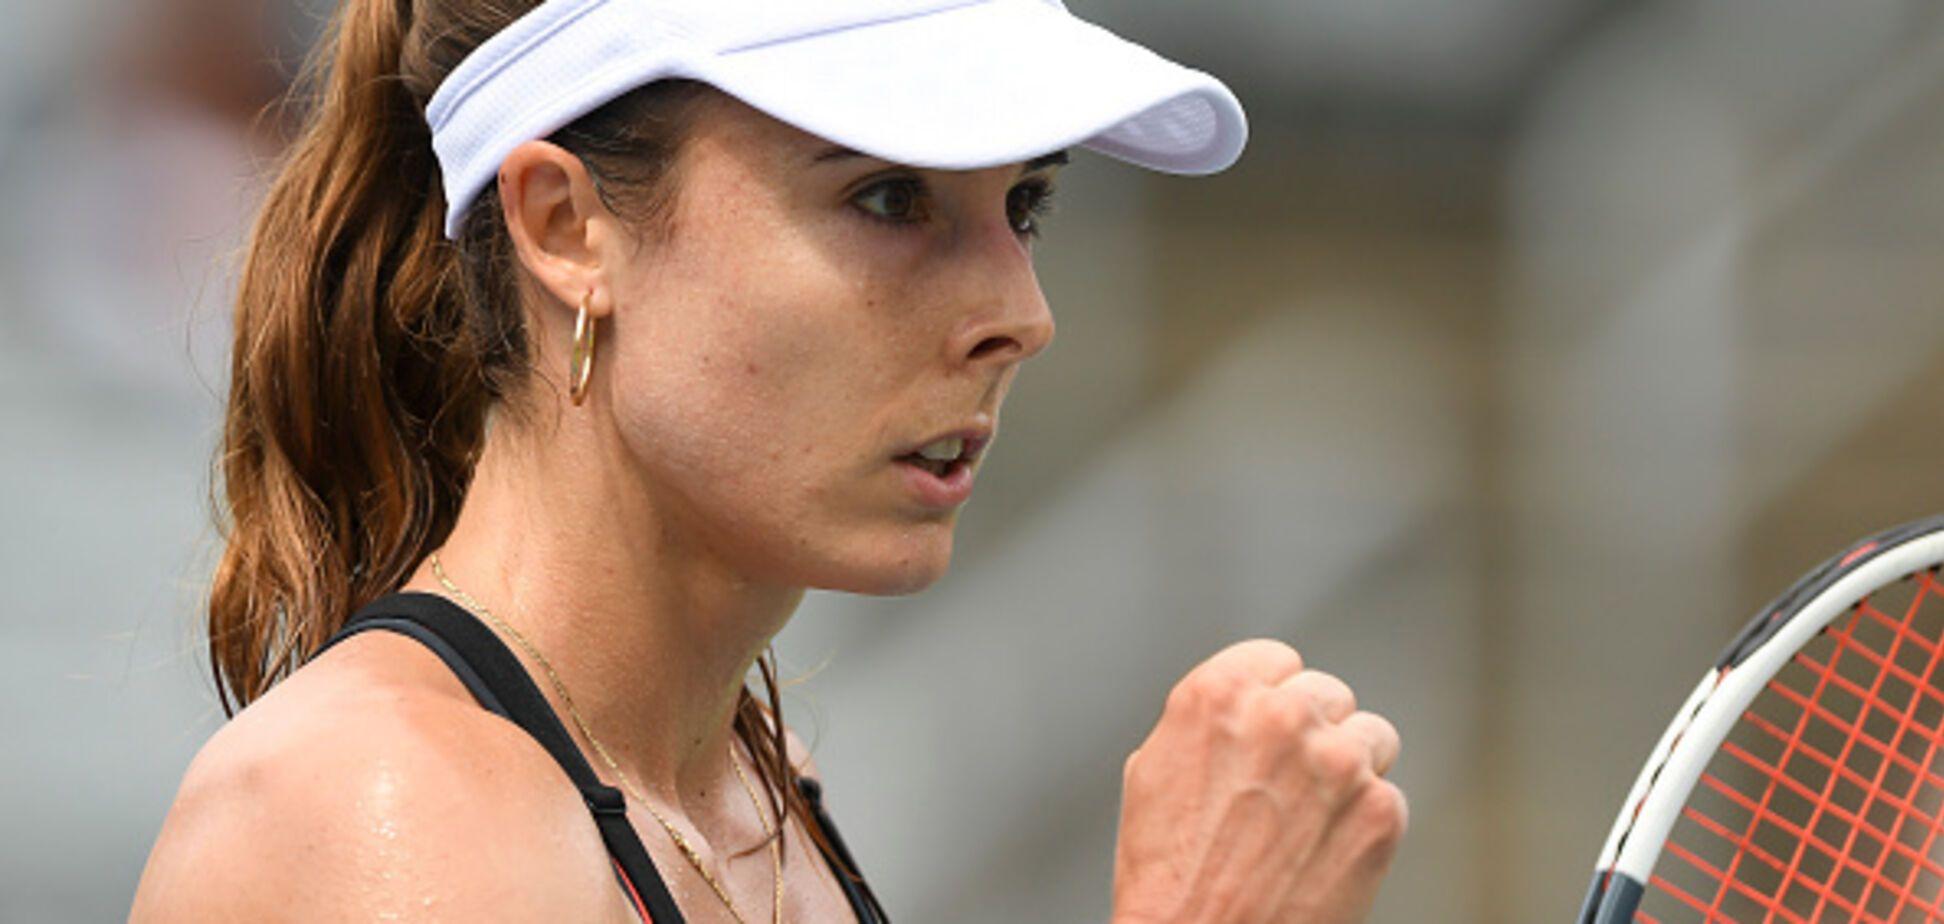 Знаменита француженка роздяглася на корті і змінила правила тенісу